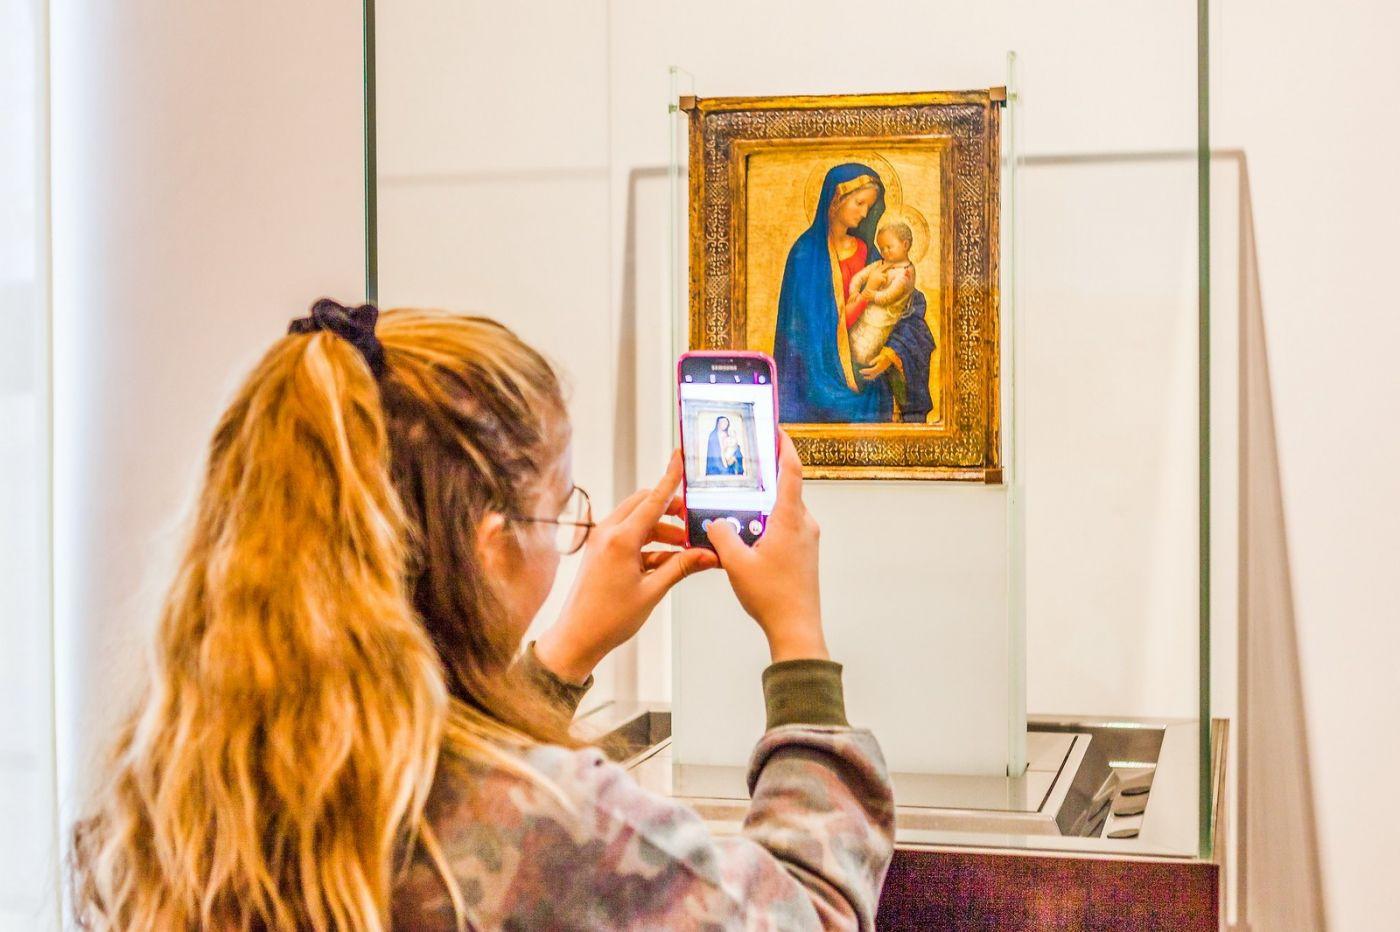 意大利佛罗伦斯乌菲兹美术馆, 藏品大展_图1-11